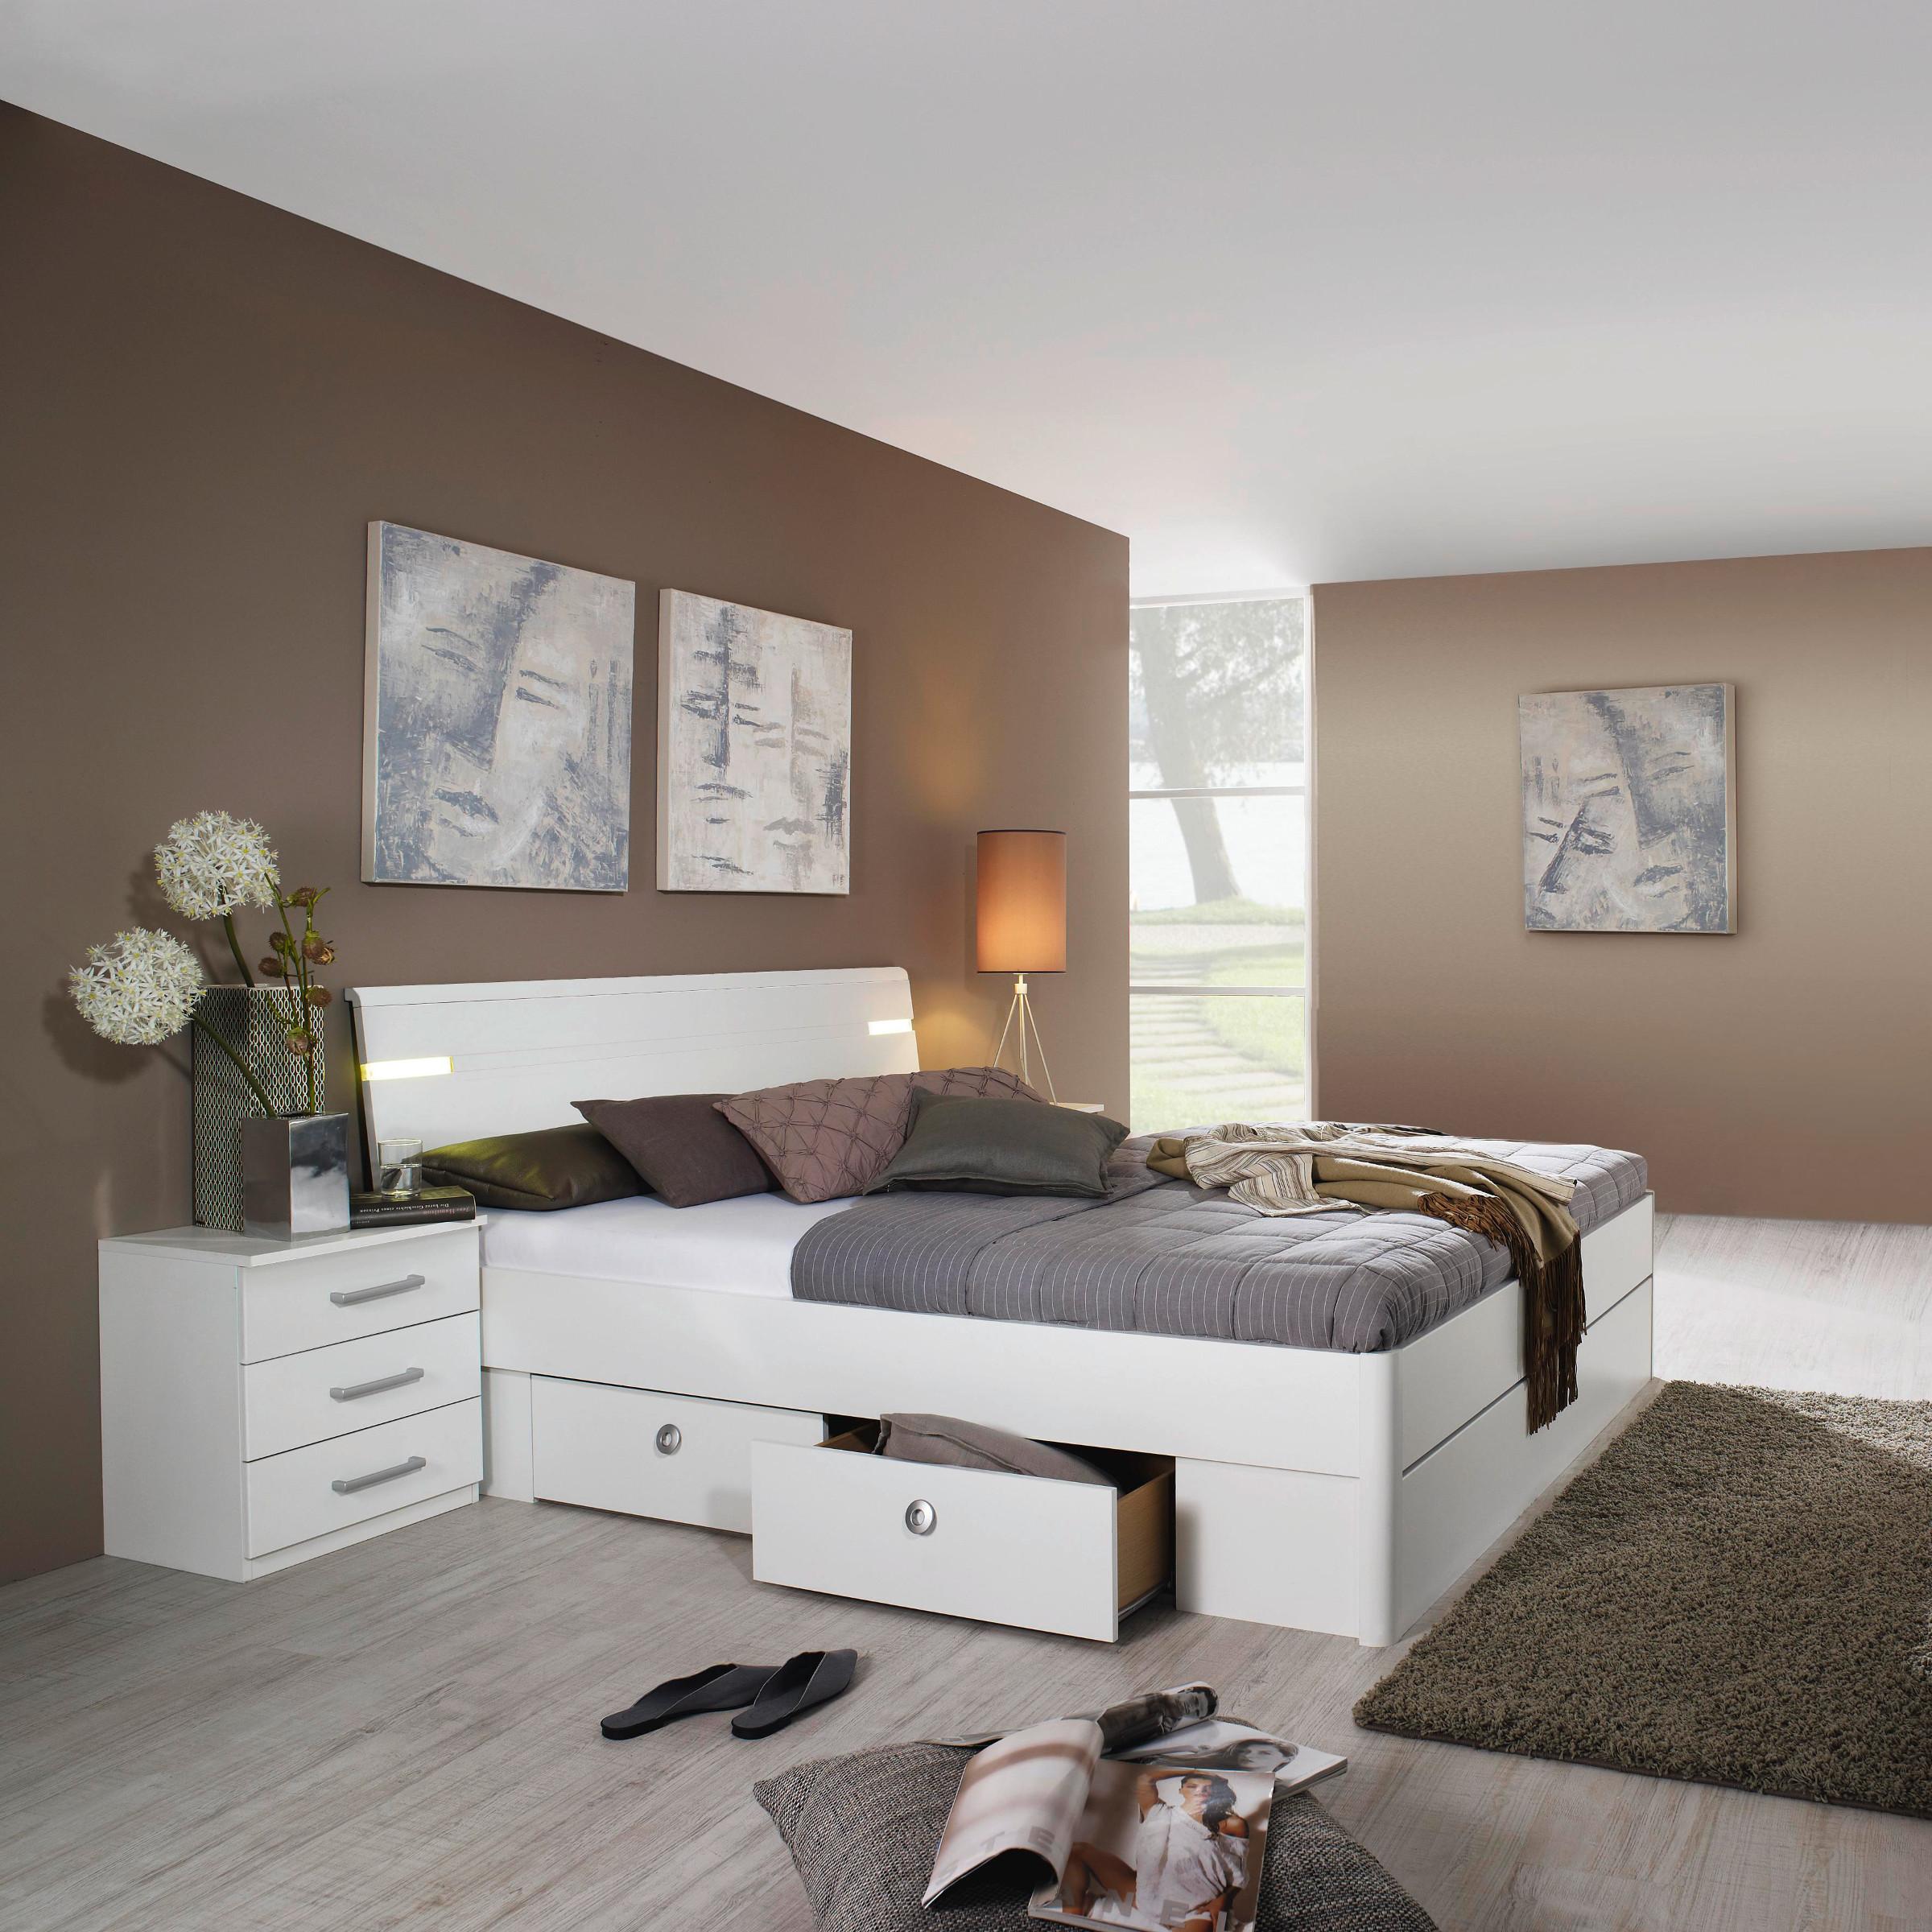 Wohndesign Schaukel Bett Schlafzimmer